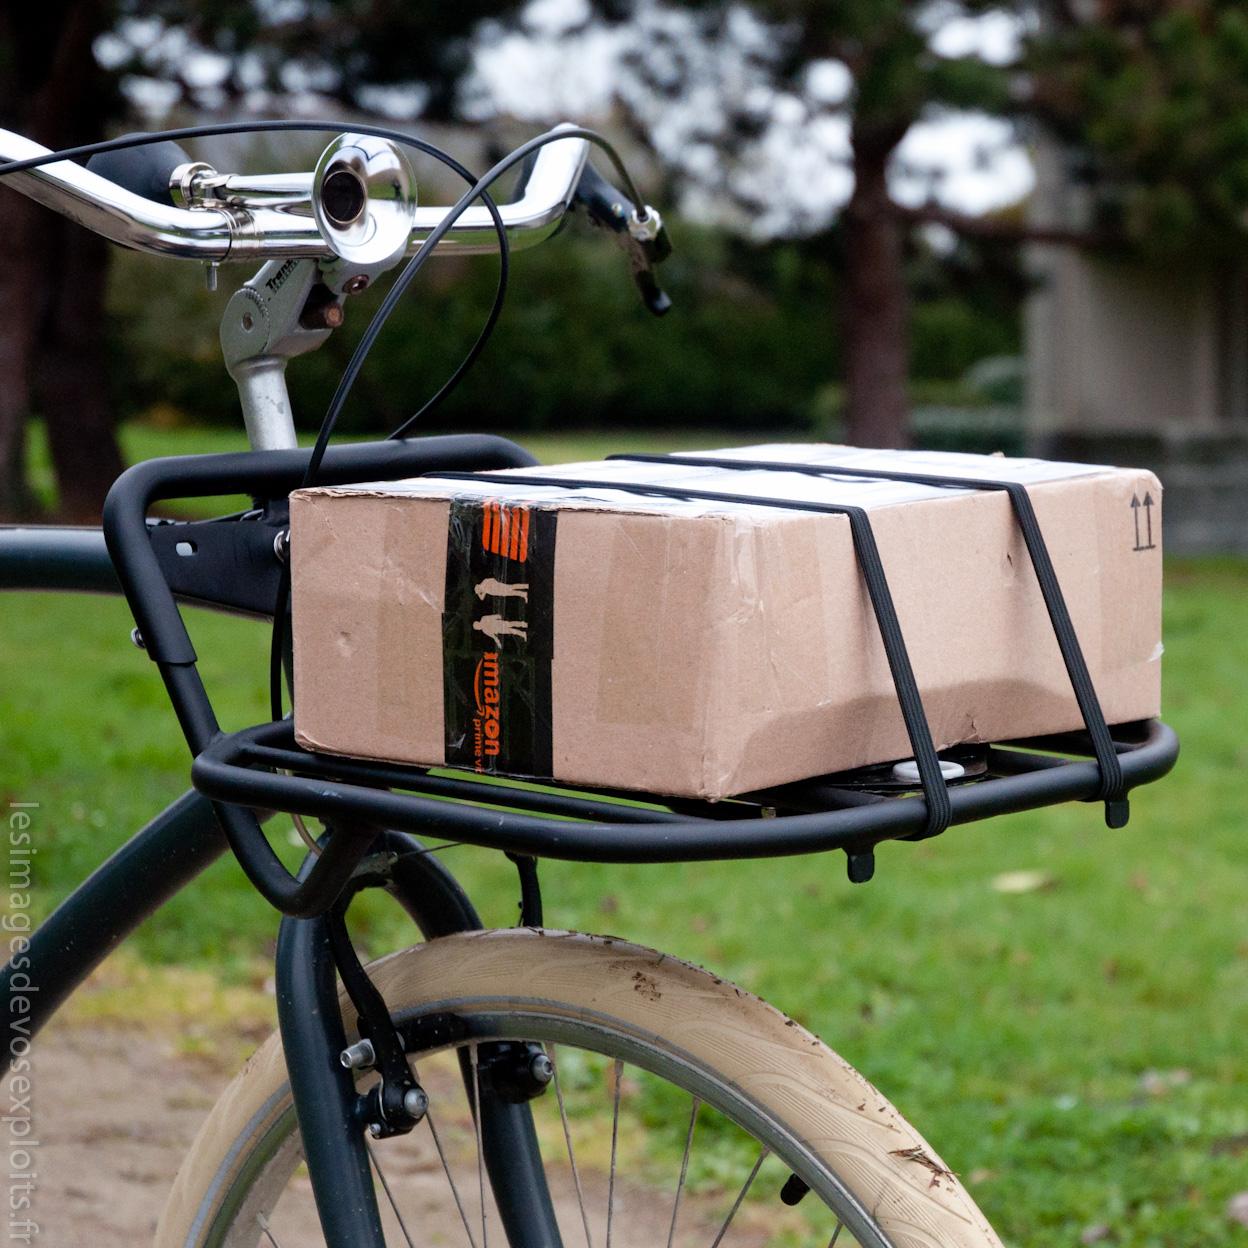 a41d391a744e9 Sur un de mes vélos, je cherchais un moyen de transporter facilement mon  sac photo, d'aller faire des courses légères sans prendre de sac, ou de  trimbaler ...